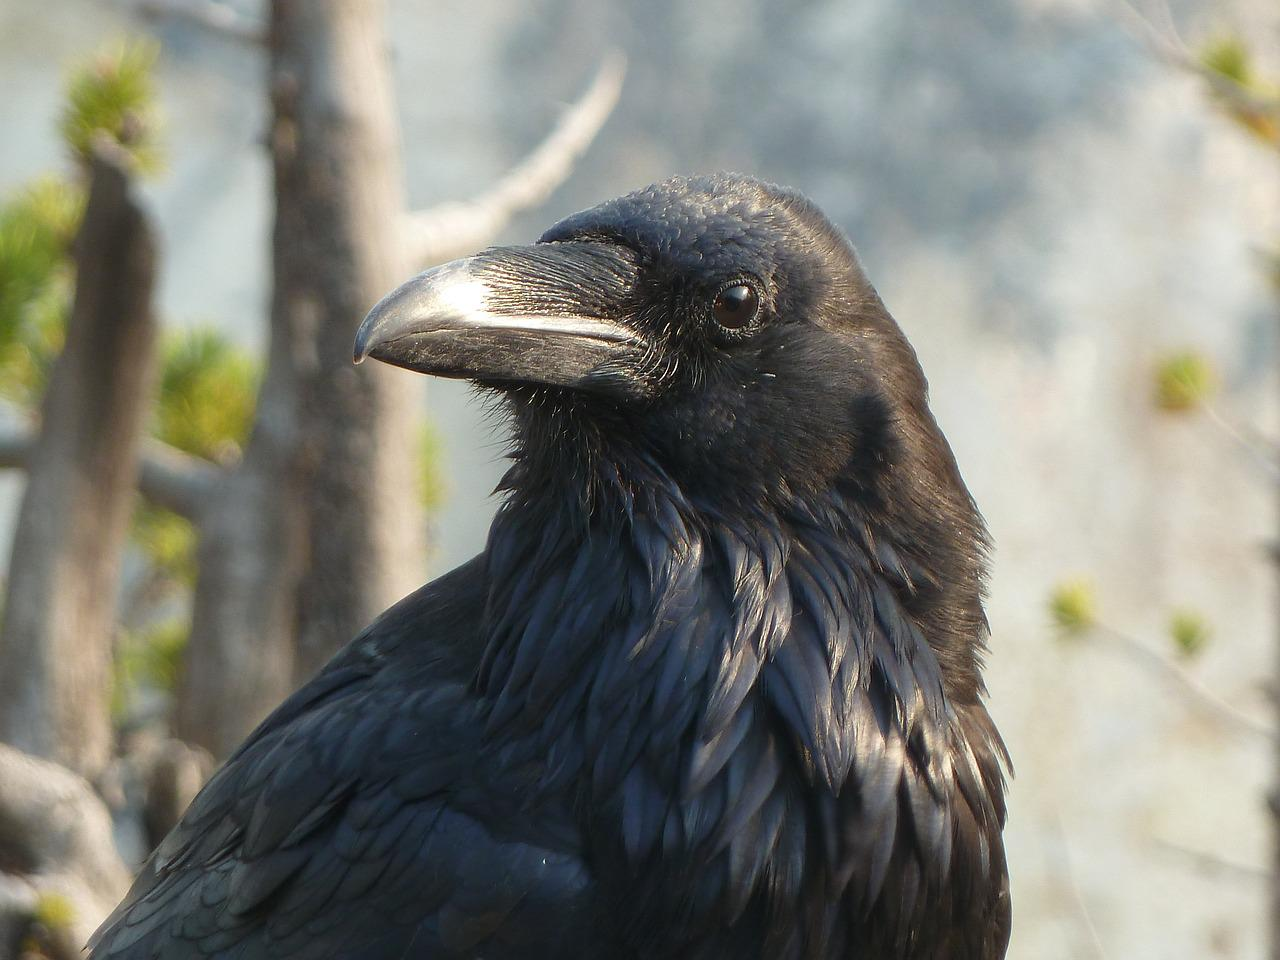 поклонники зейна, лучшее фото ворона суждено, нами